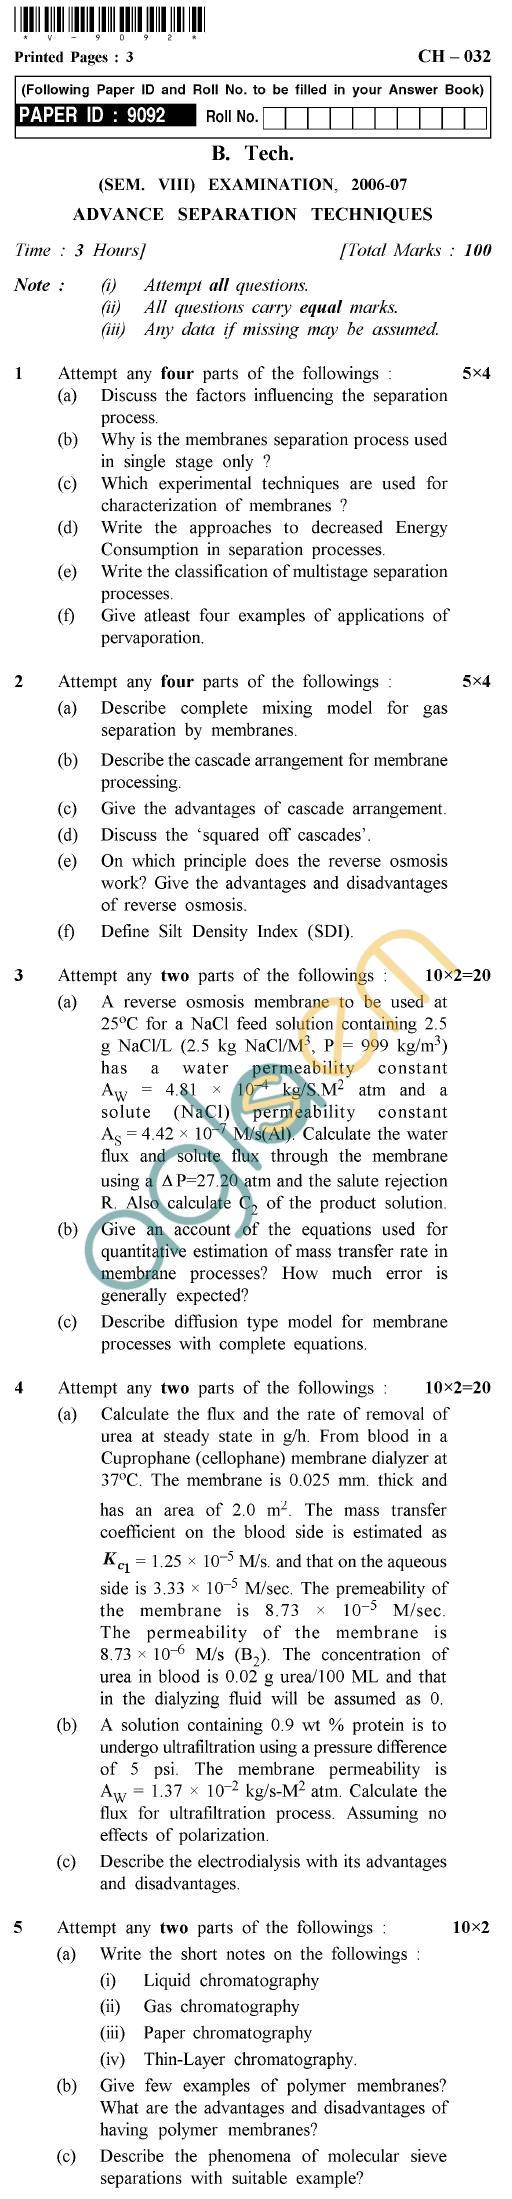 UPTU B.Tech Question Papers -CH-032 - Advance Separation Techniques